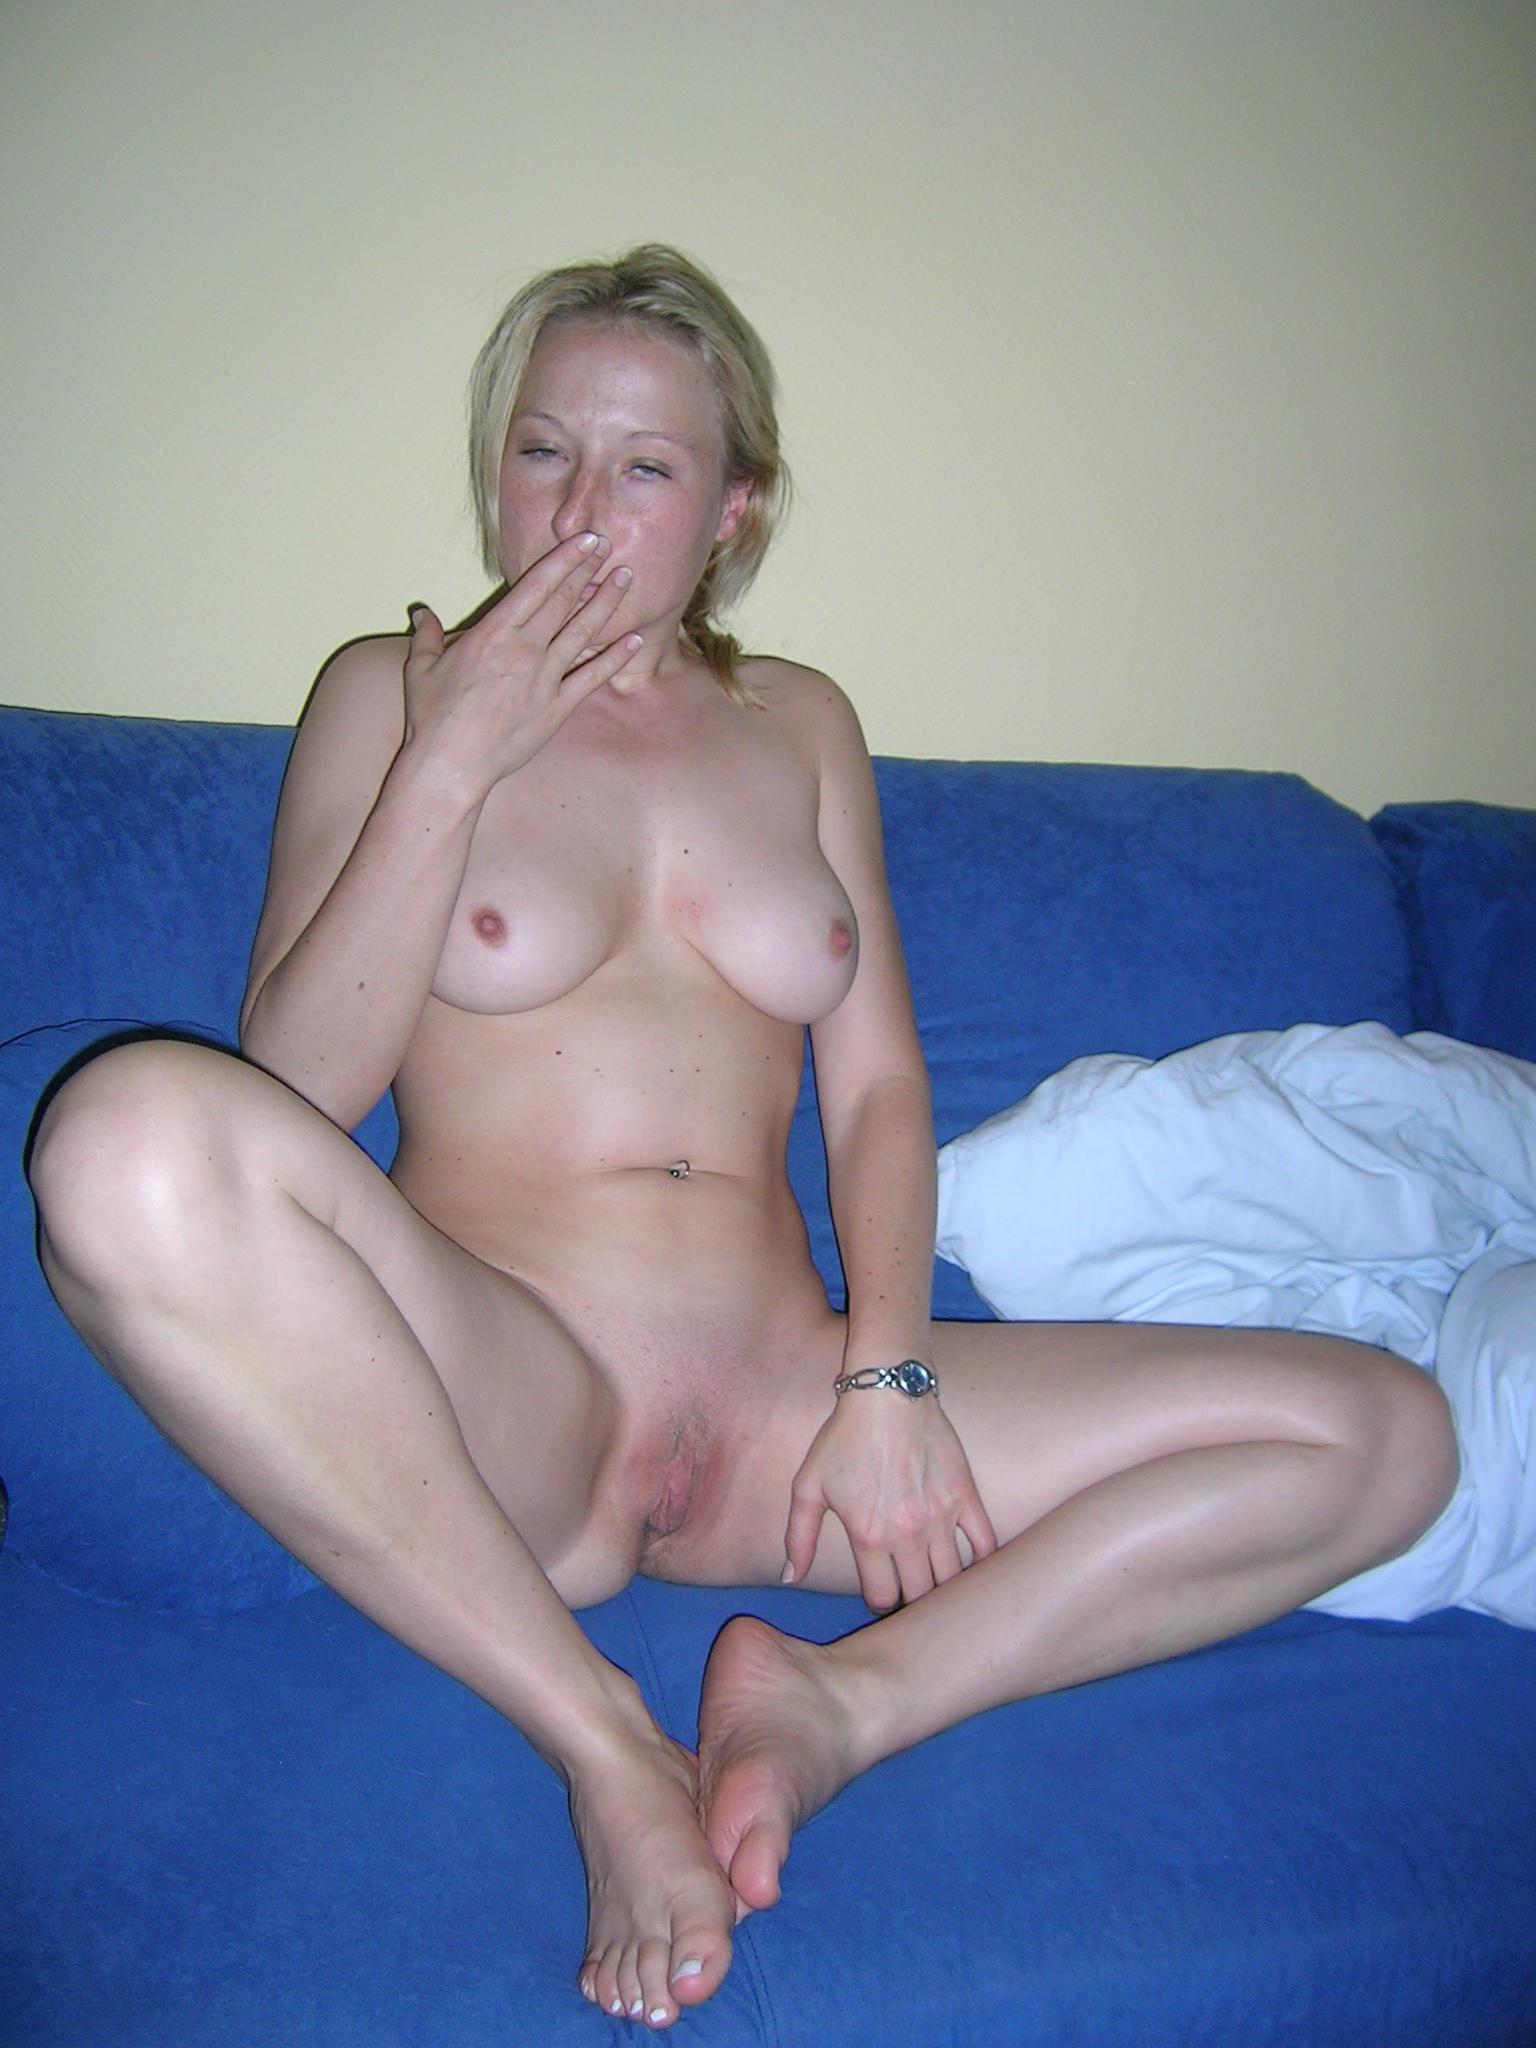 Смелая блондинка позирует в разных ракурсах и даже разрешает снимать себя во время секса